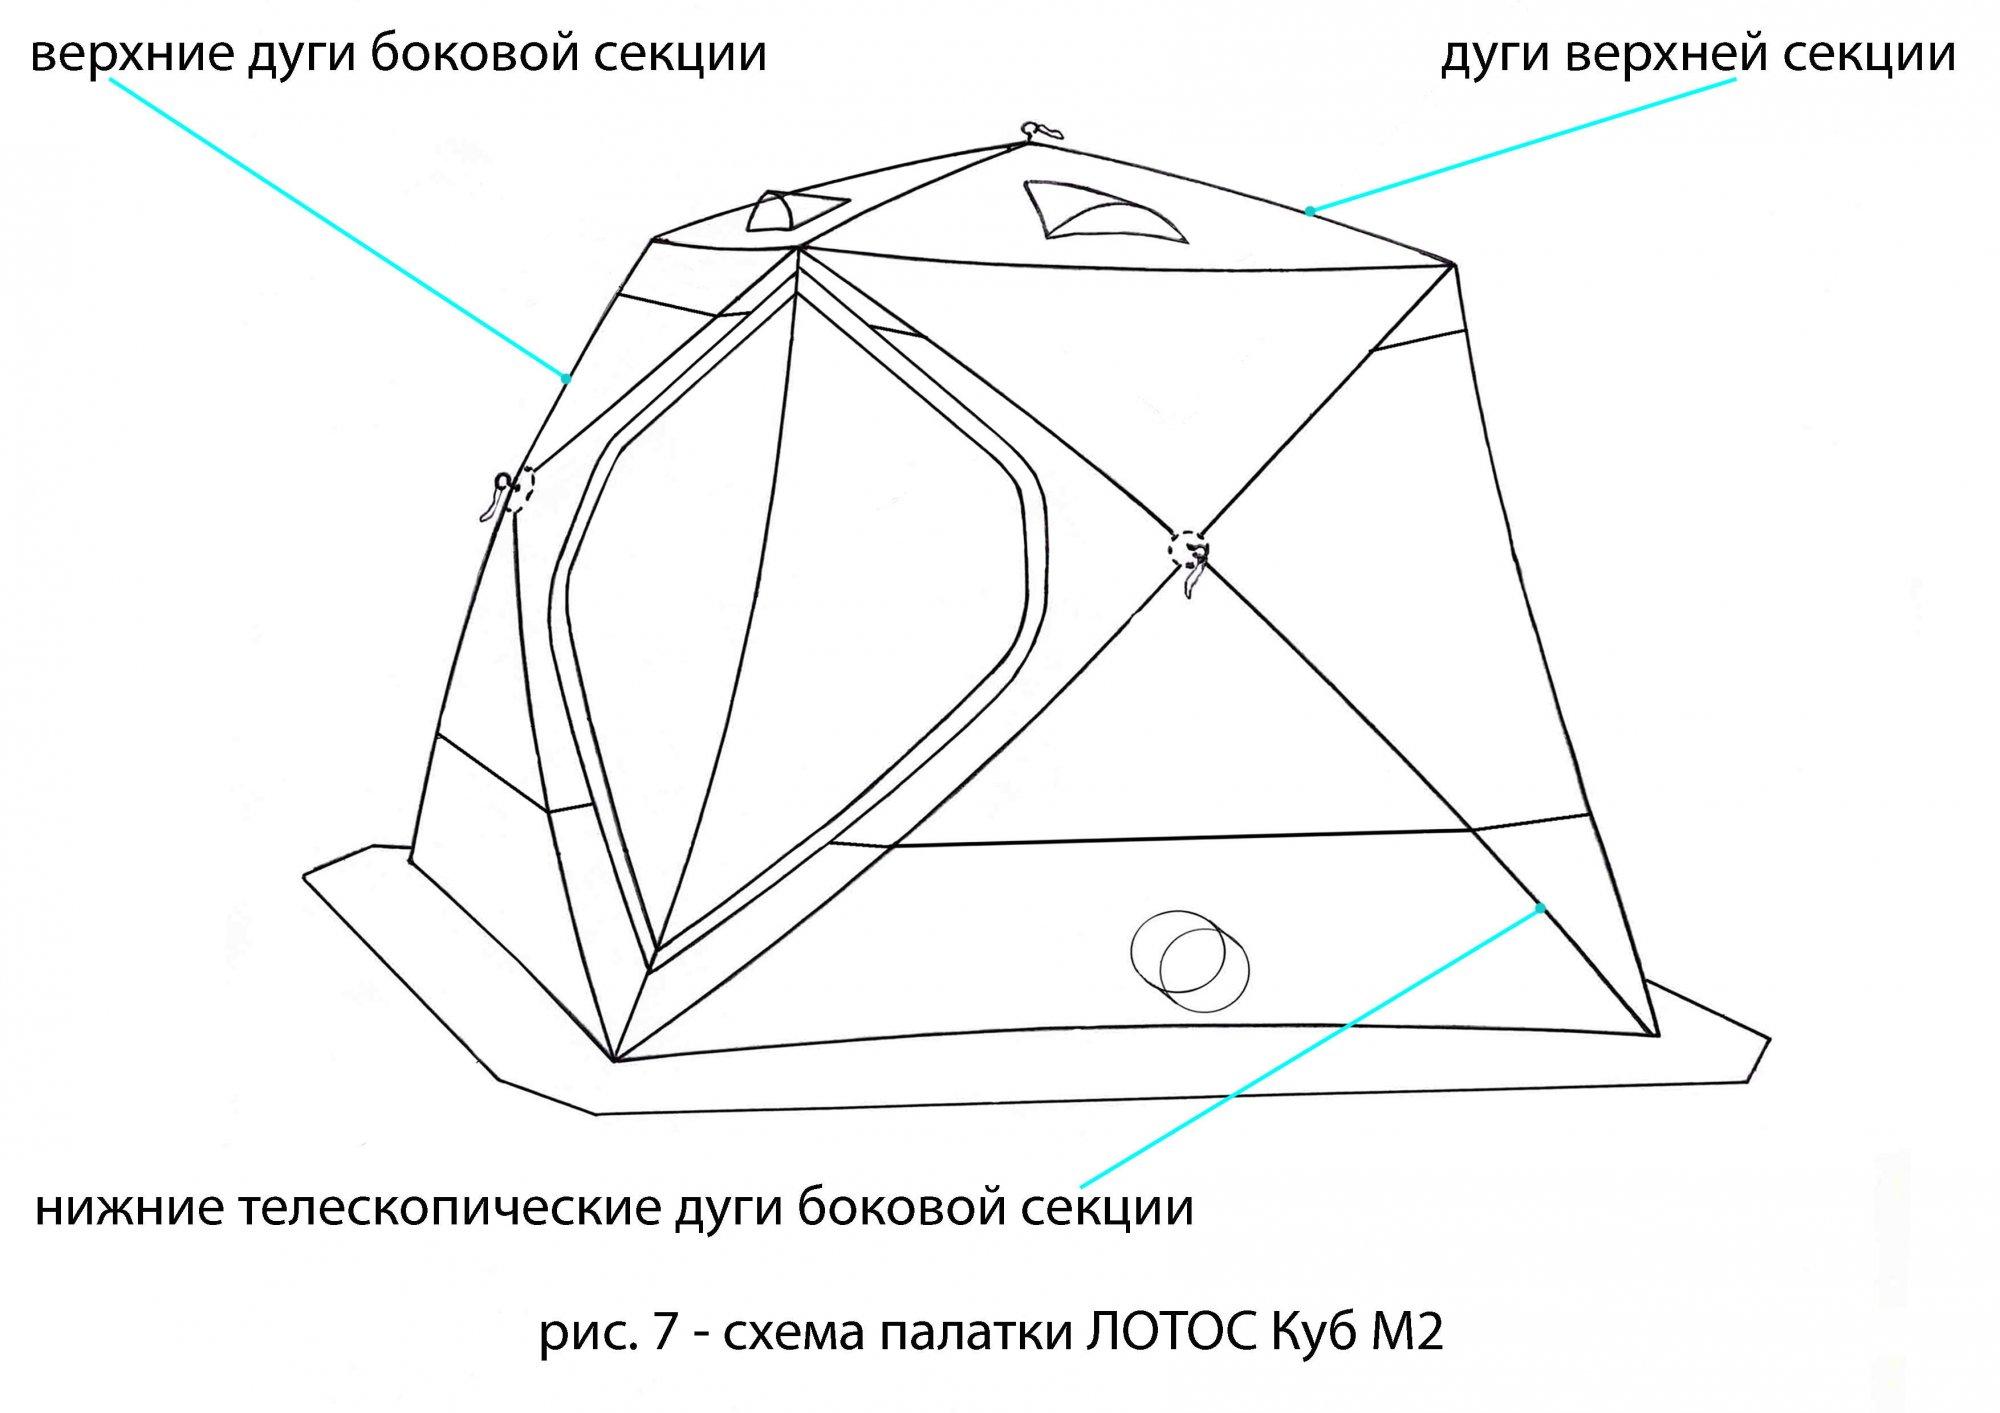 Схема палатки ЛОТОС Куб М2